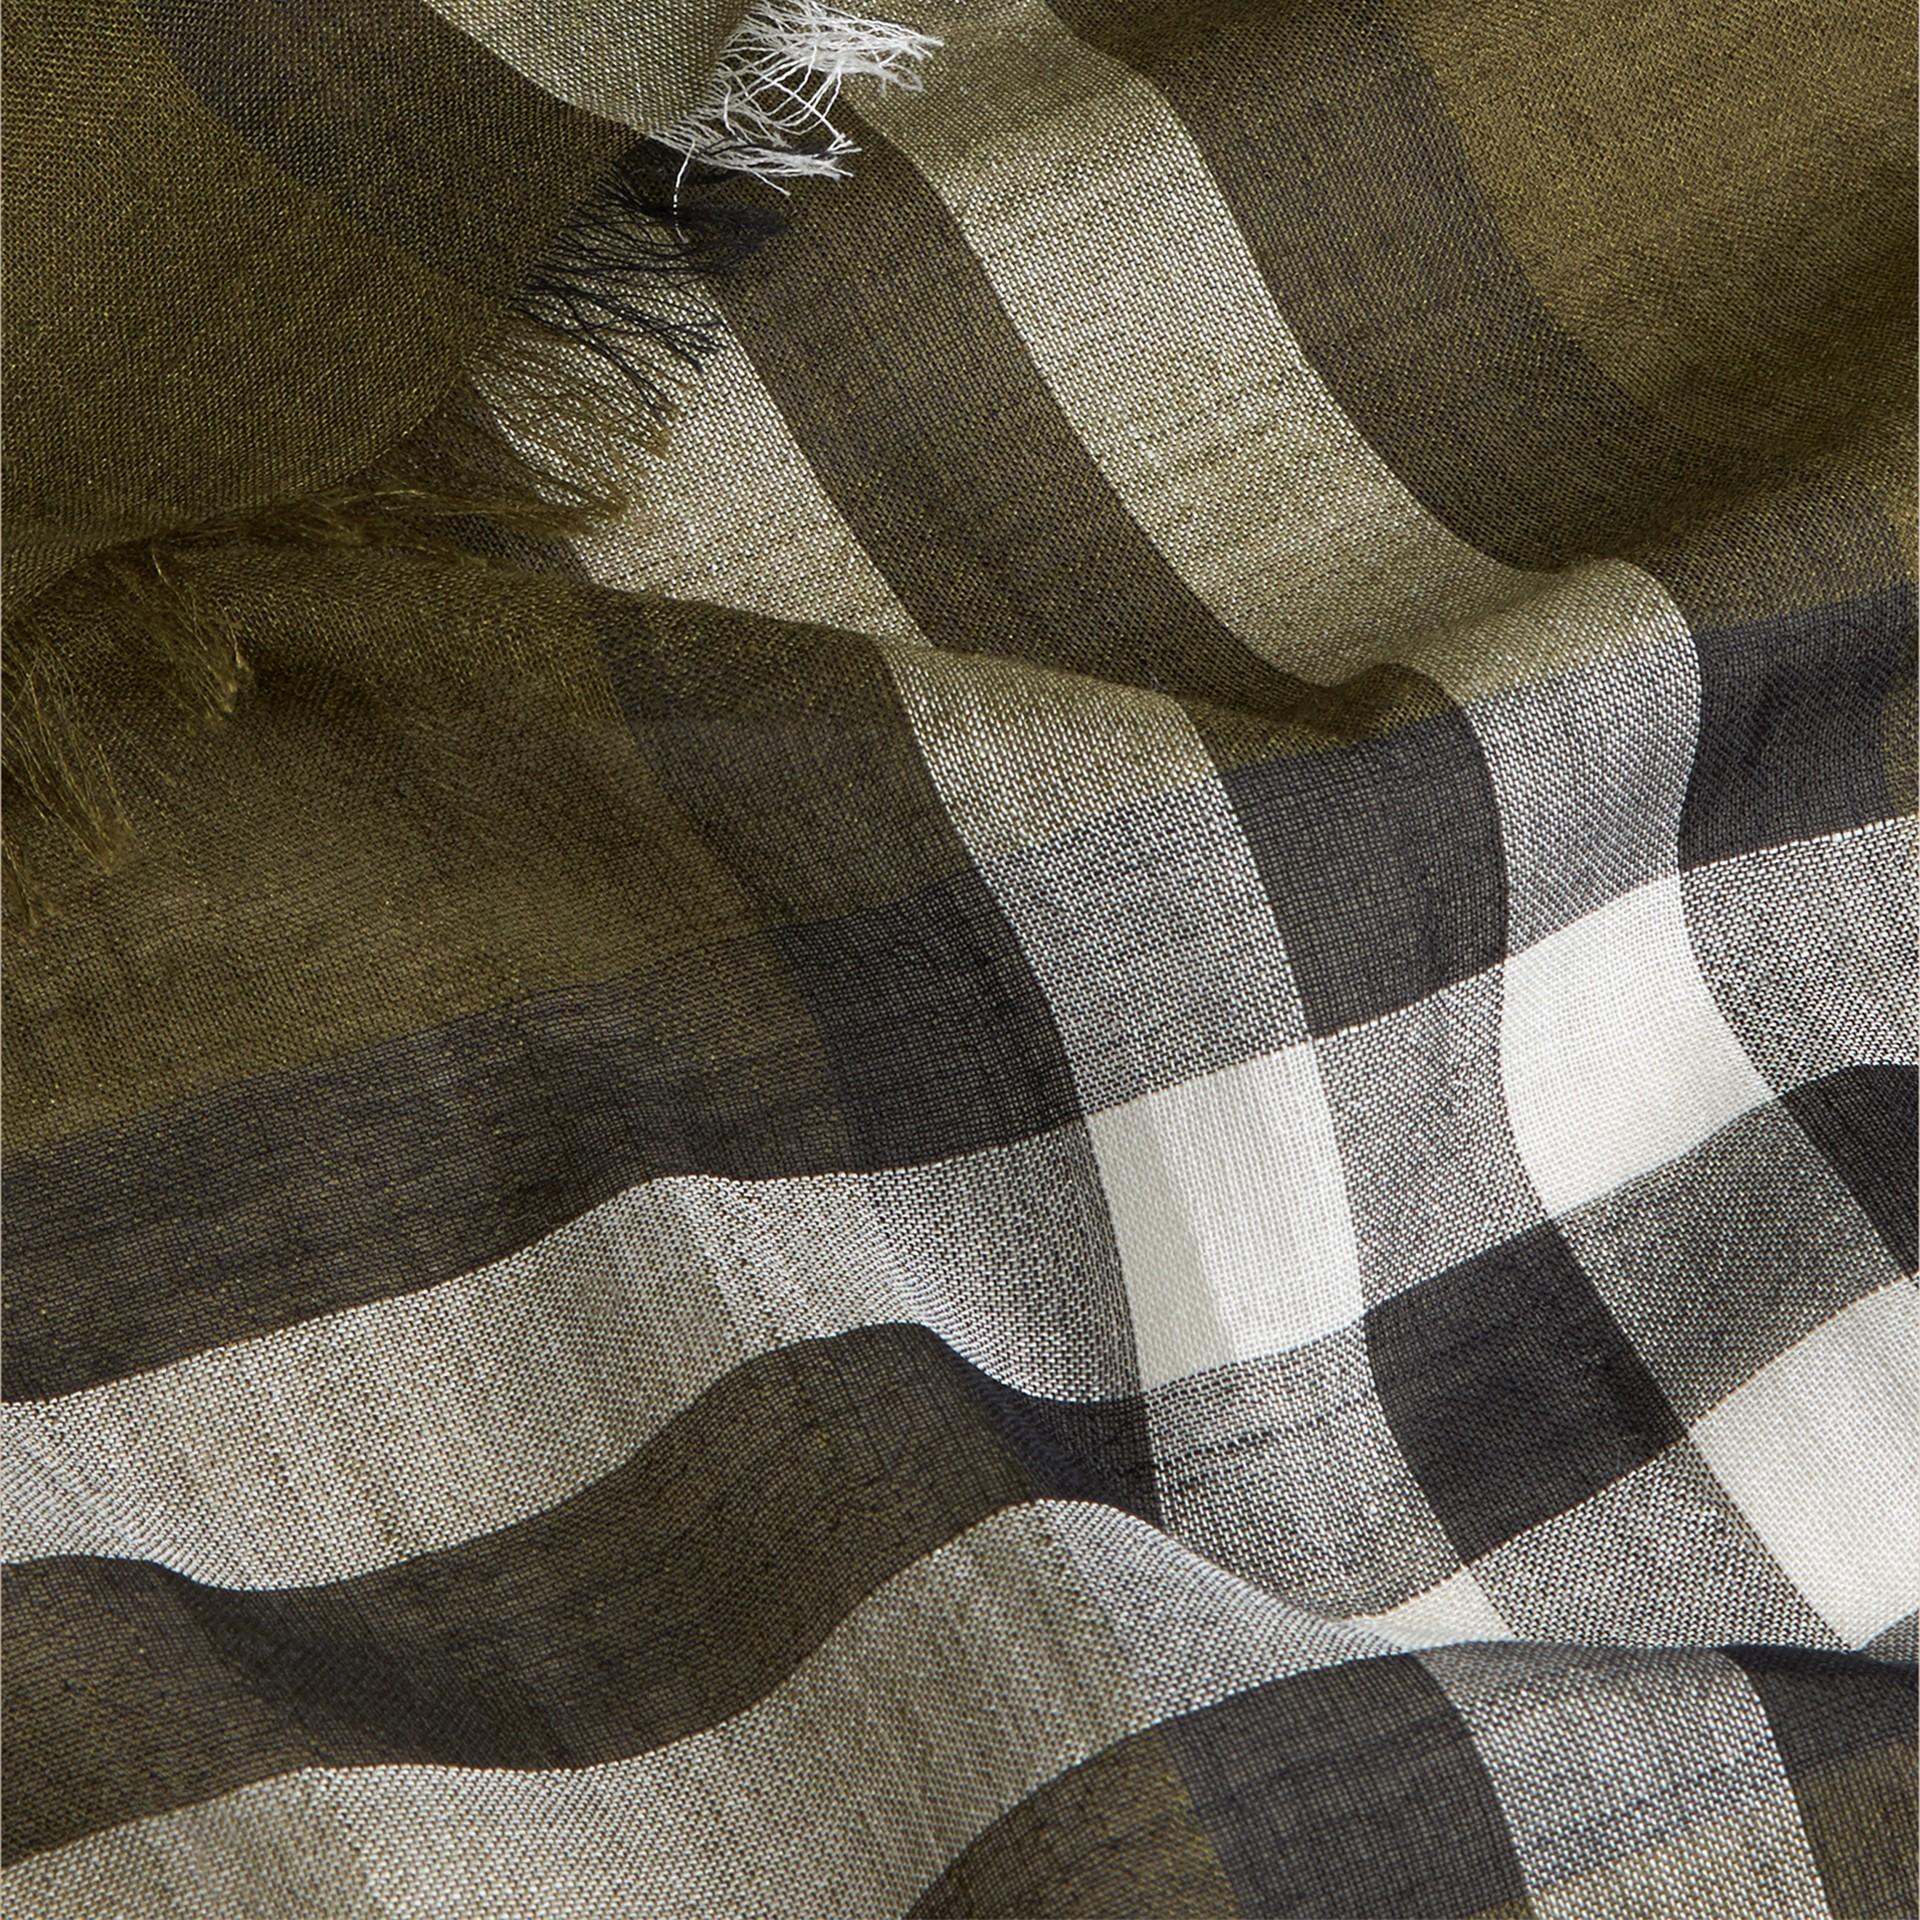 Vert olive Foulard léger en laine et soie à motif check Vert Olive - photo de la galerie 2